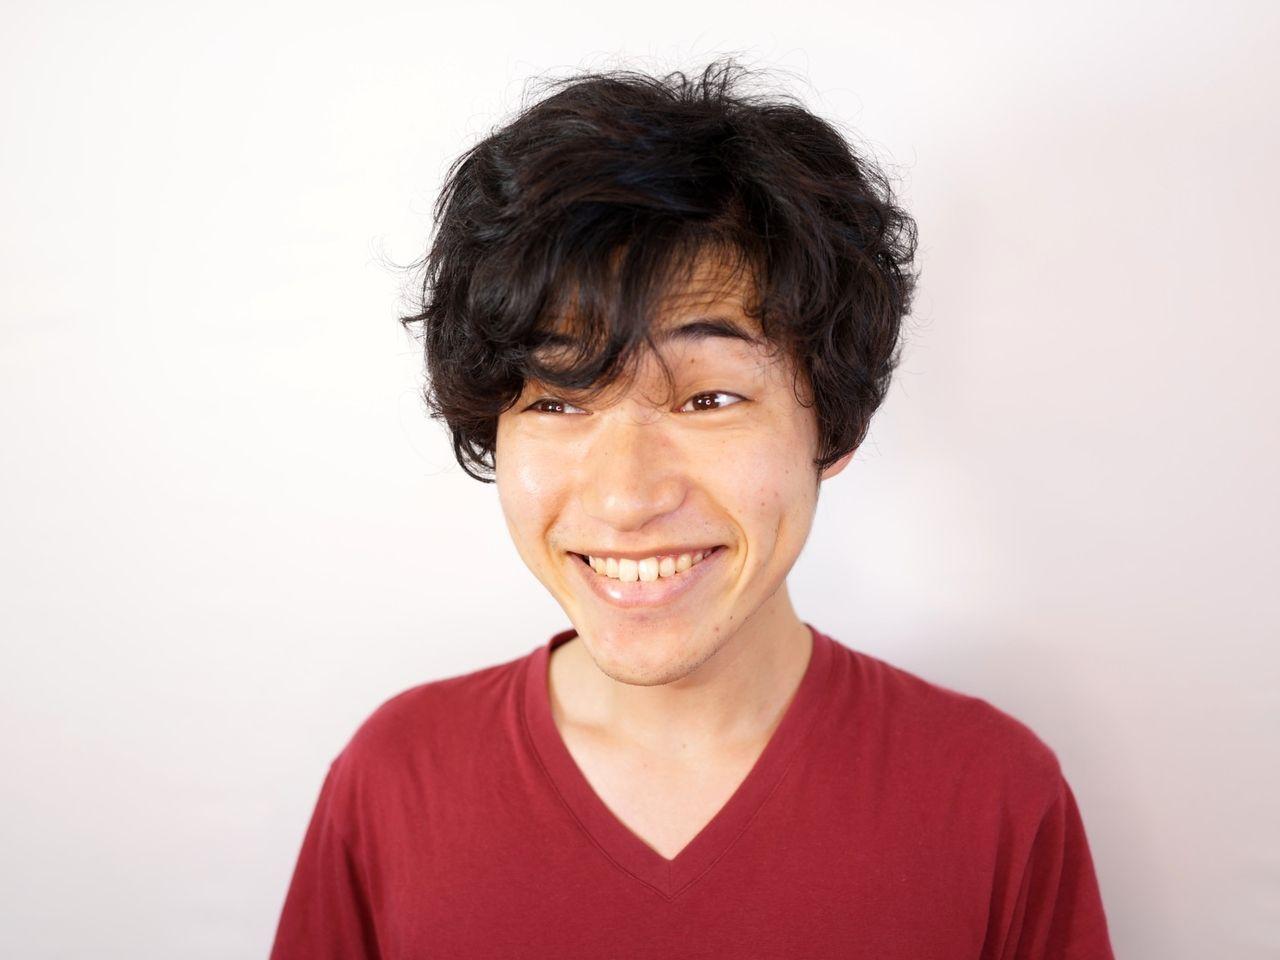 独特な表情で愛想笑いする男性